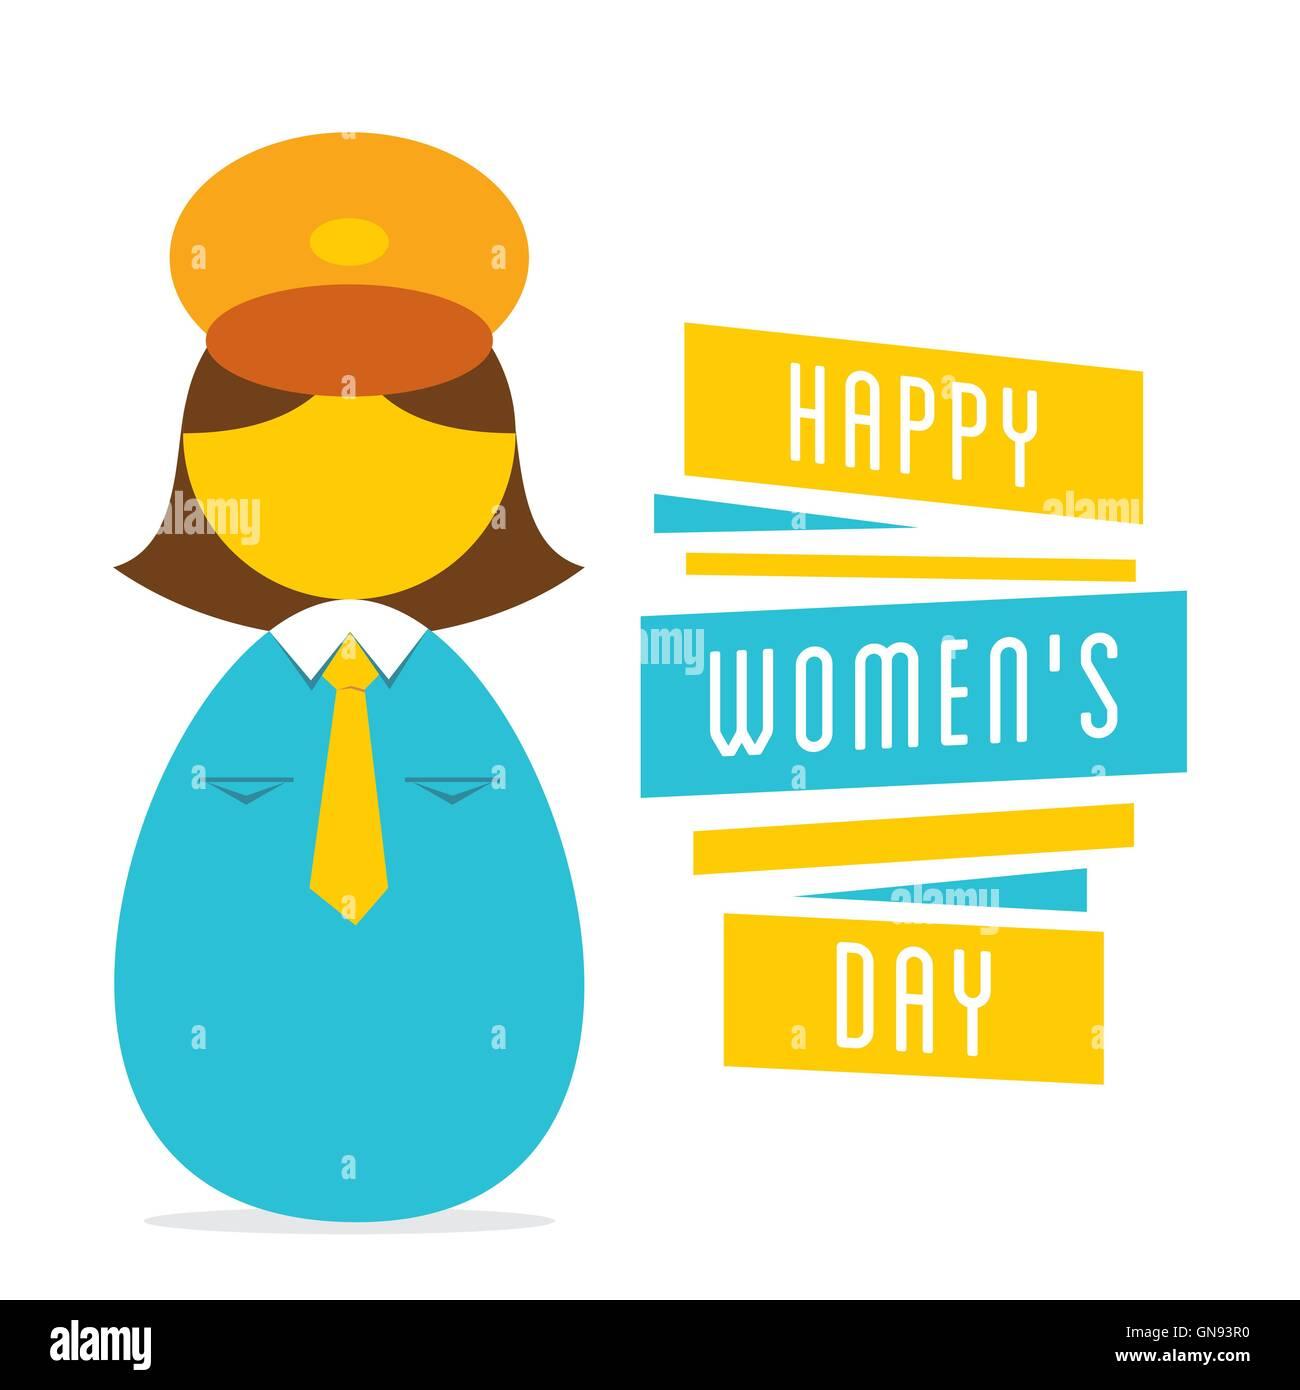 Feliz Dia De Las Mujeres El Trabajo De La Mujer Policia Design Imagen Vector De Stock Alamy See more of feliz día de la mujer on facebook. https www alamy es foto feliz dia de las mujeres el trabajo de la mujer policia design 116370548 html